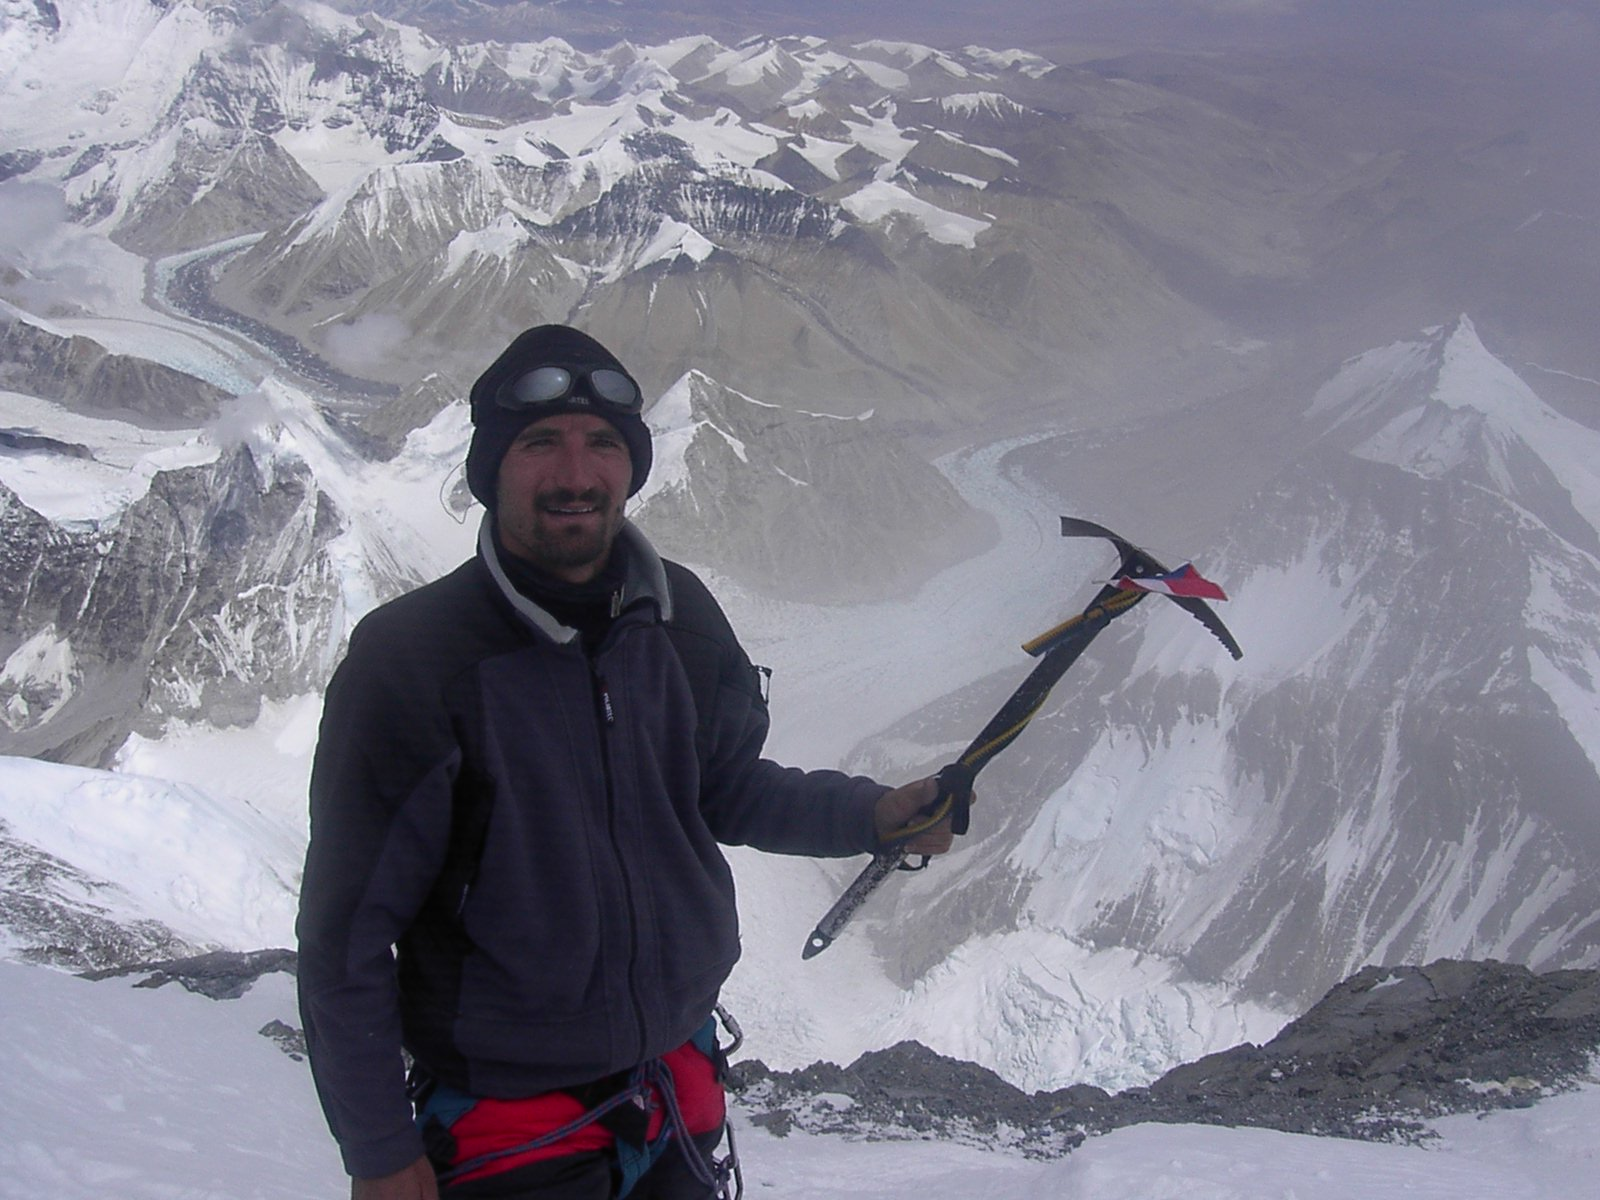 Snímek z vrcholového hřebene, 19. 8. 2005, 13:32:48